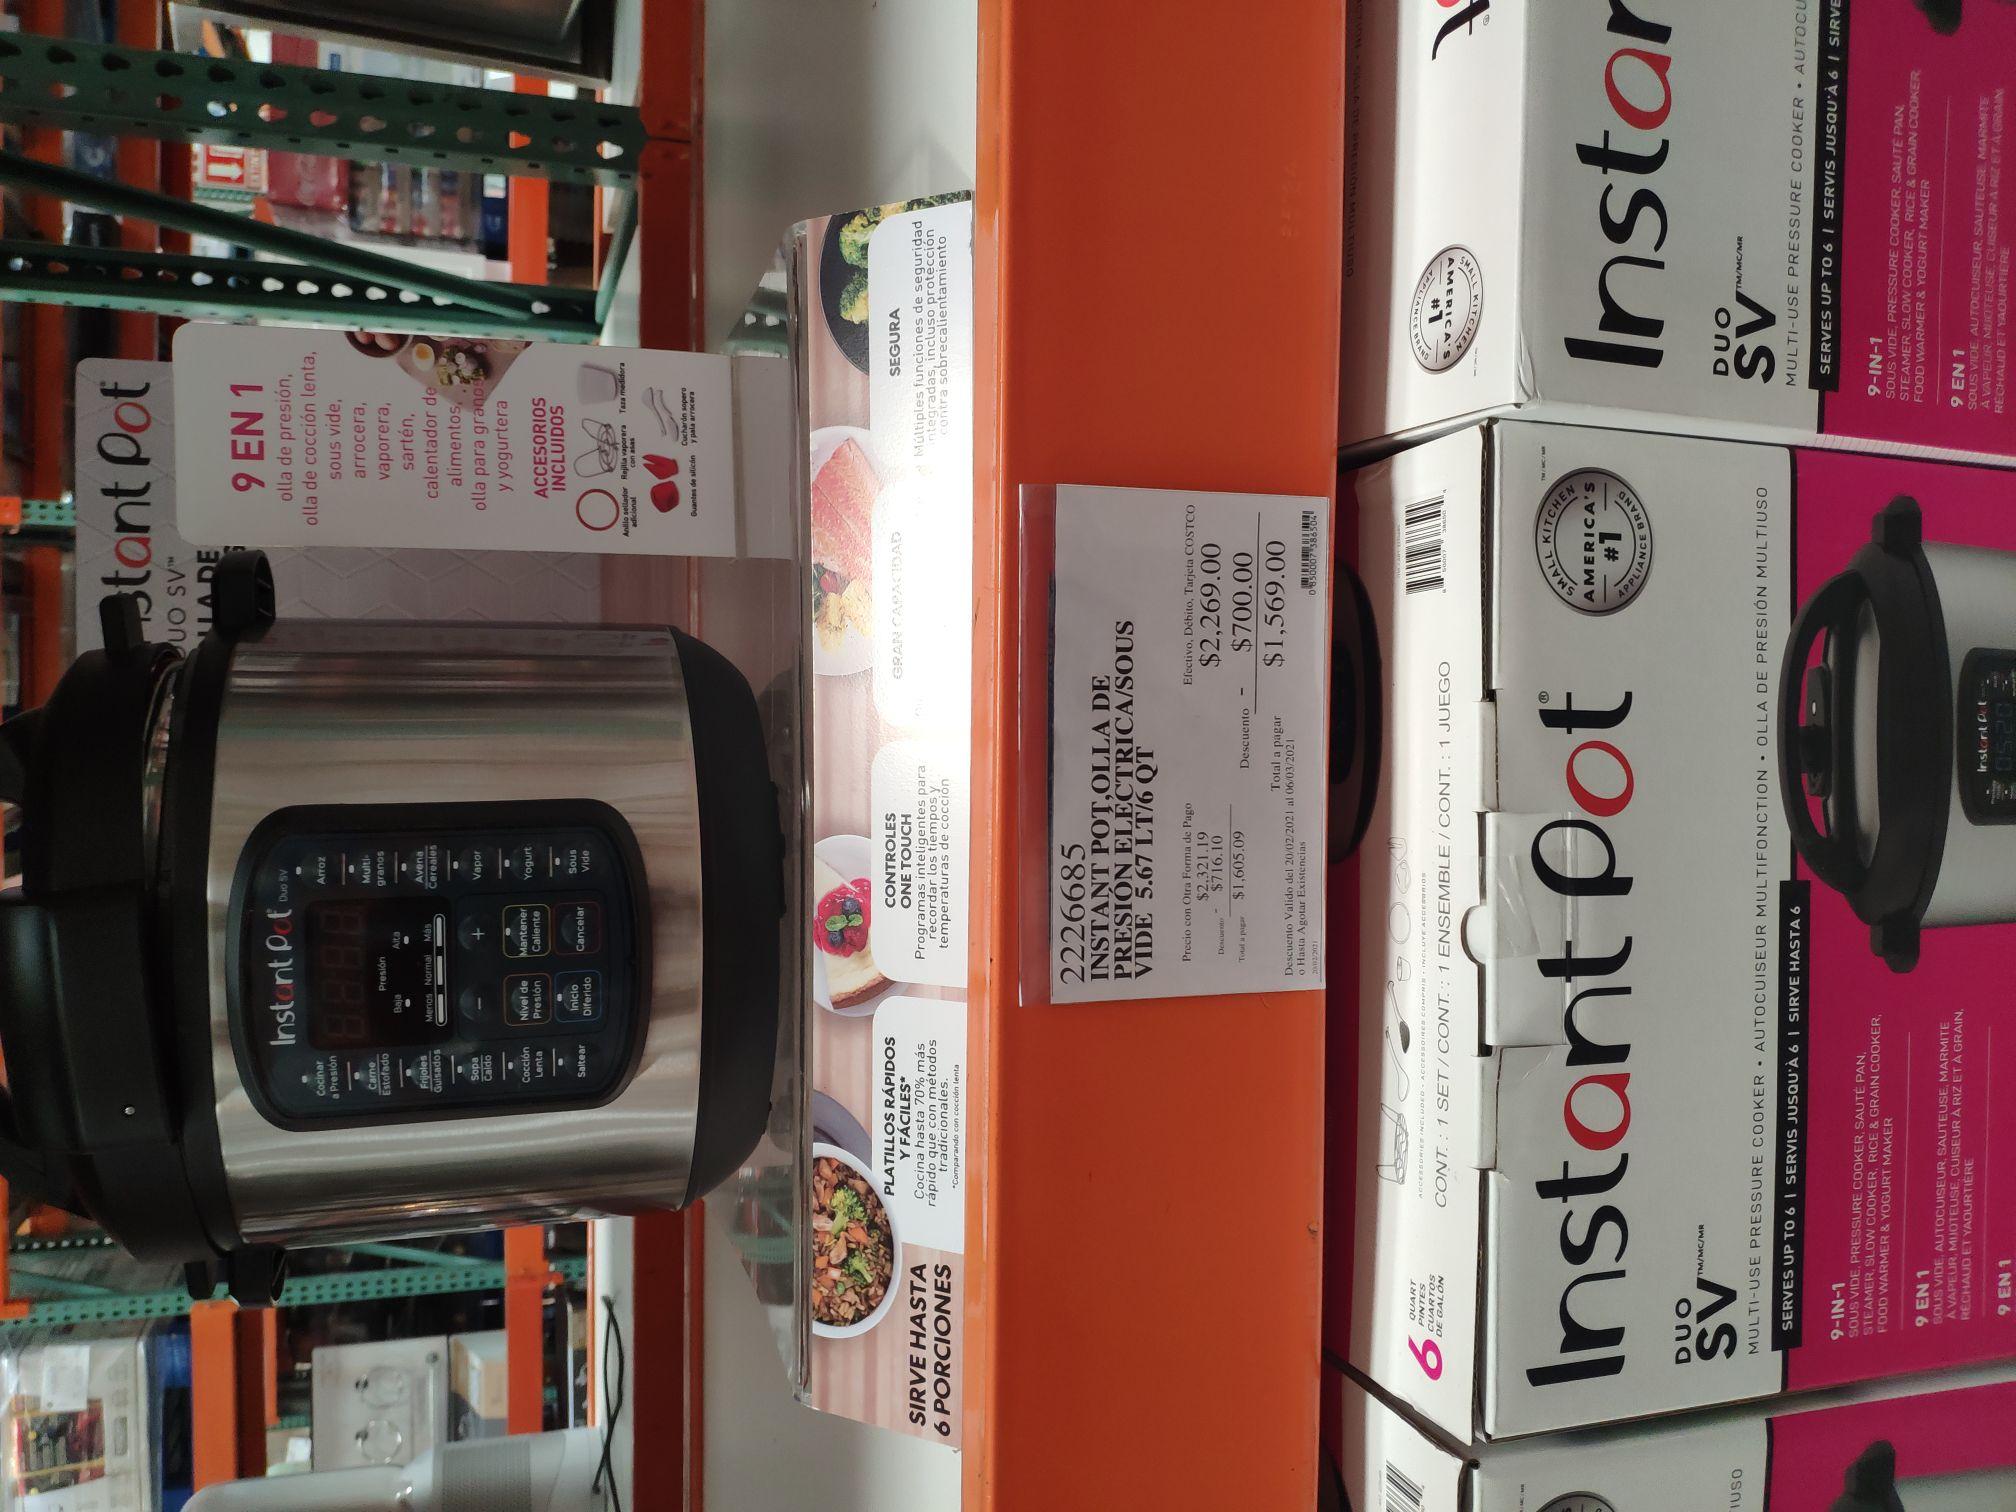 Costco Instant Pot 9 en 1, 6 QT, Sous Vide